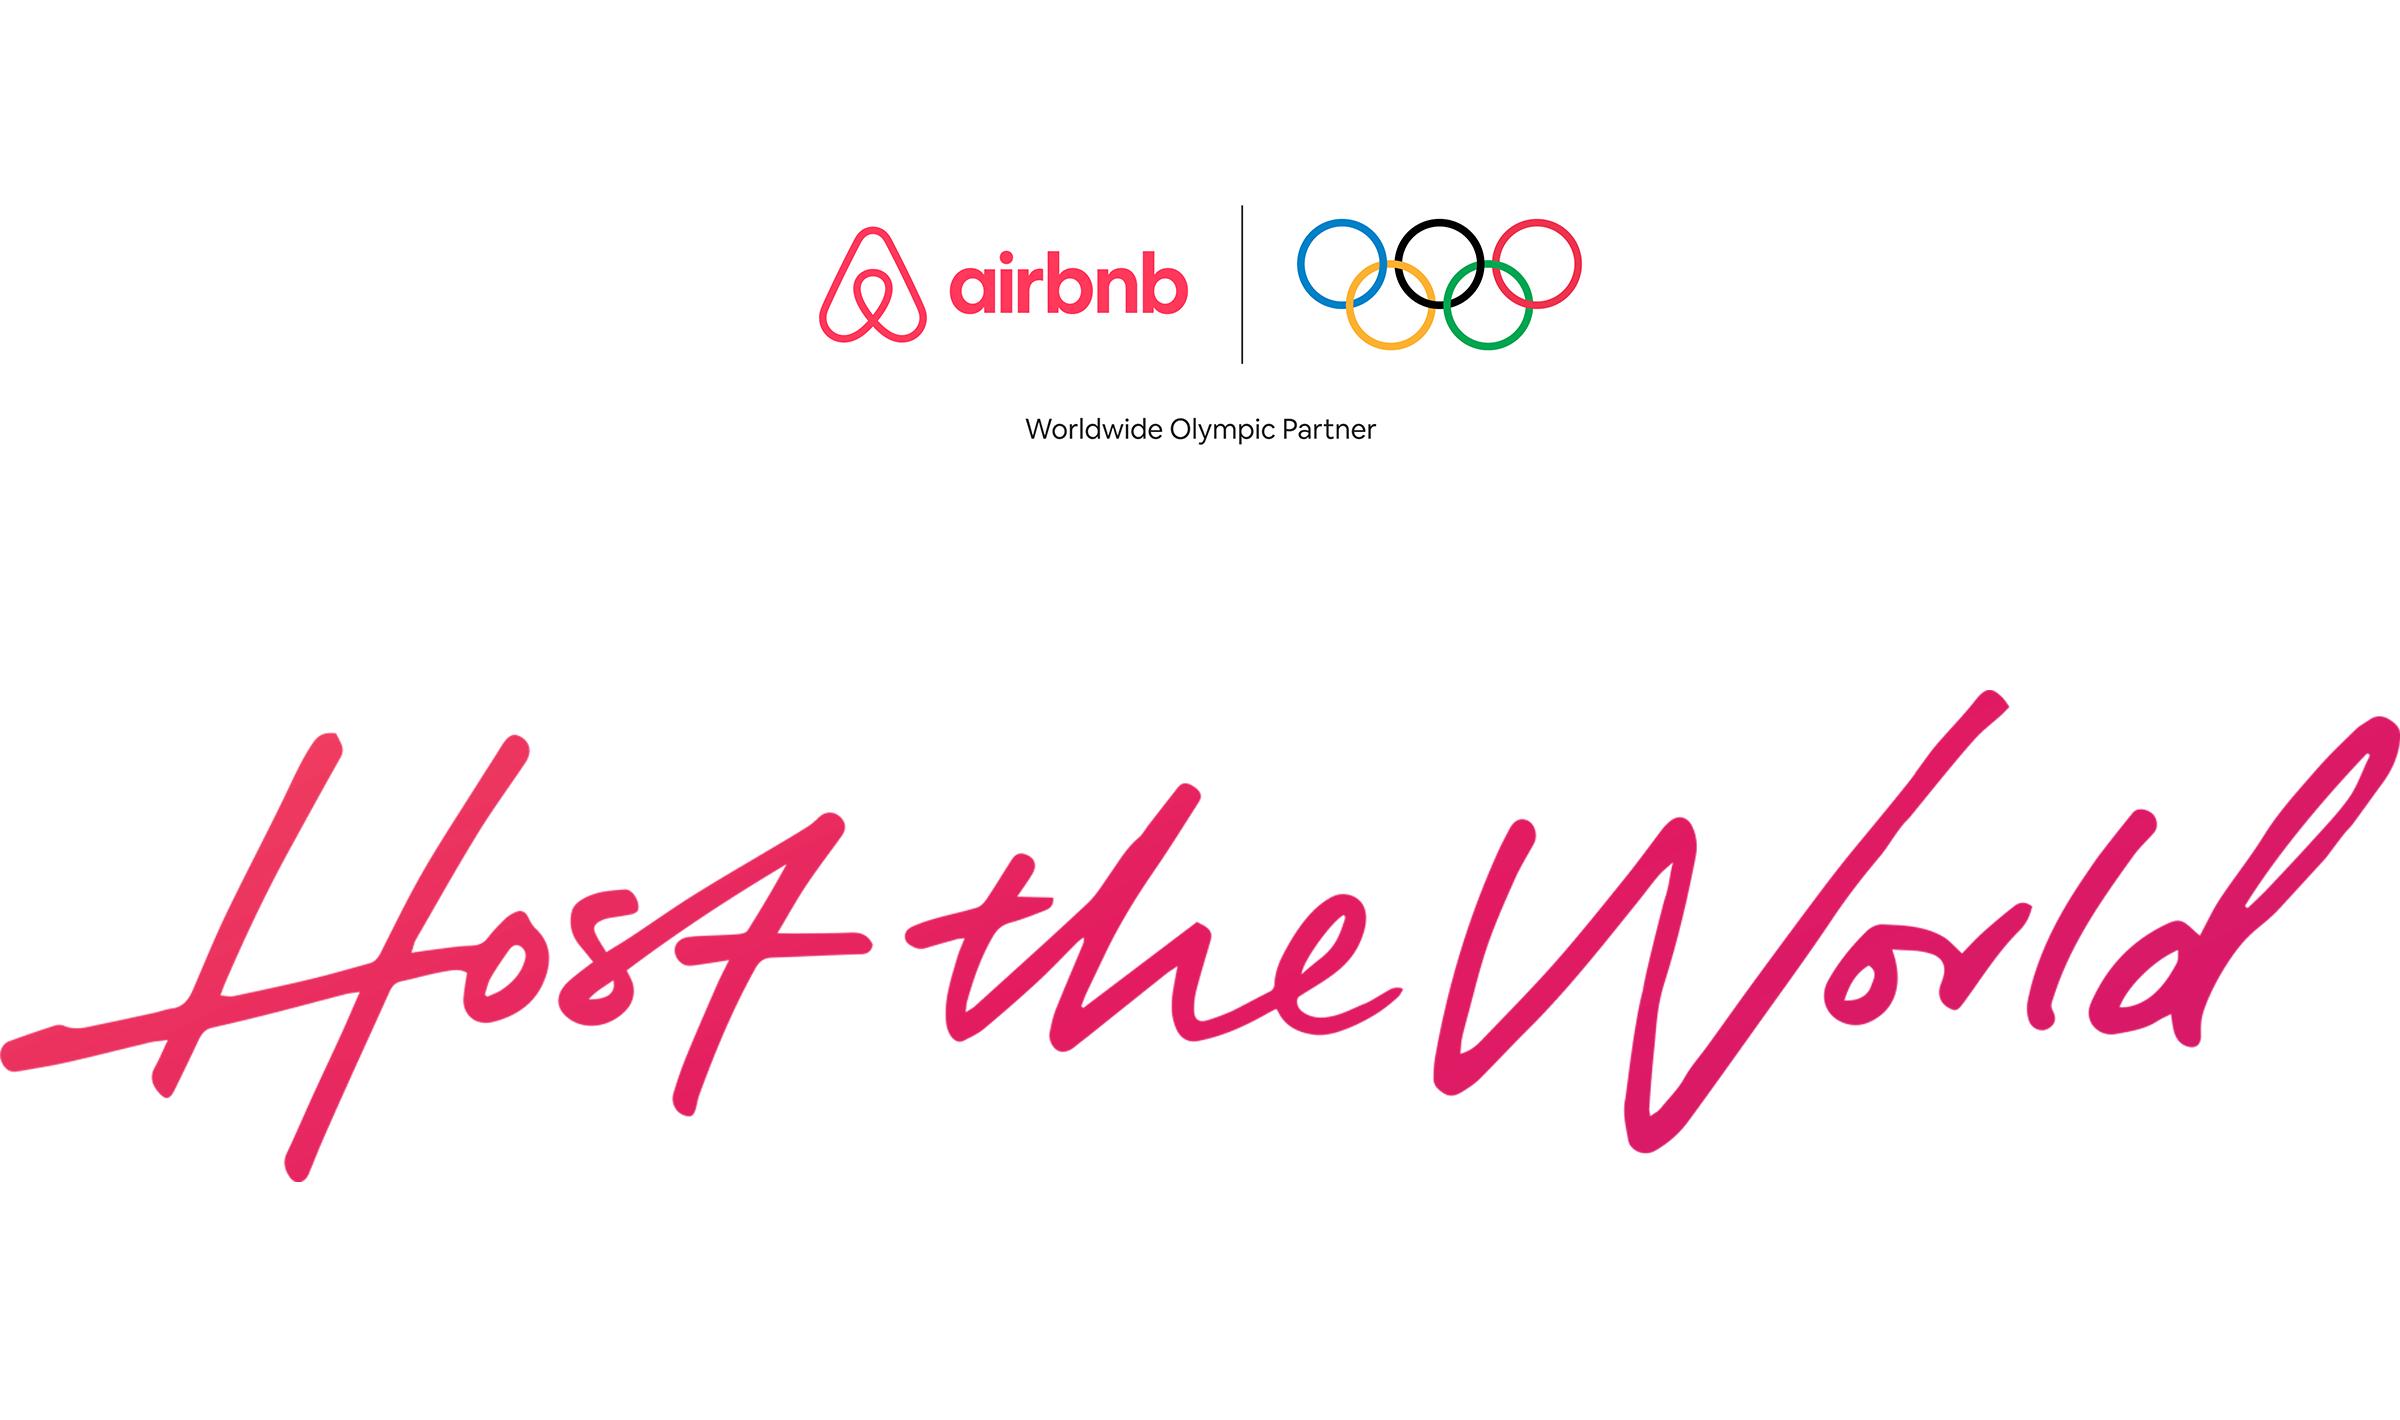 Airbnbは、2028年までオリンピック活動を支援する画期的な公式パートナー契約を締結し、発表